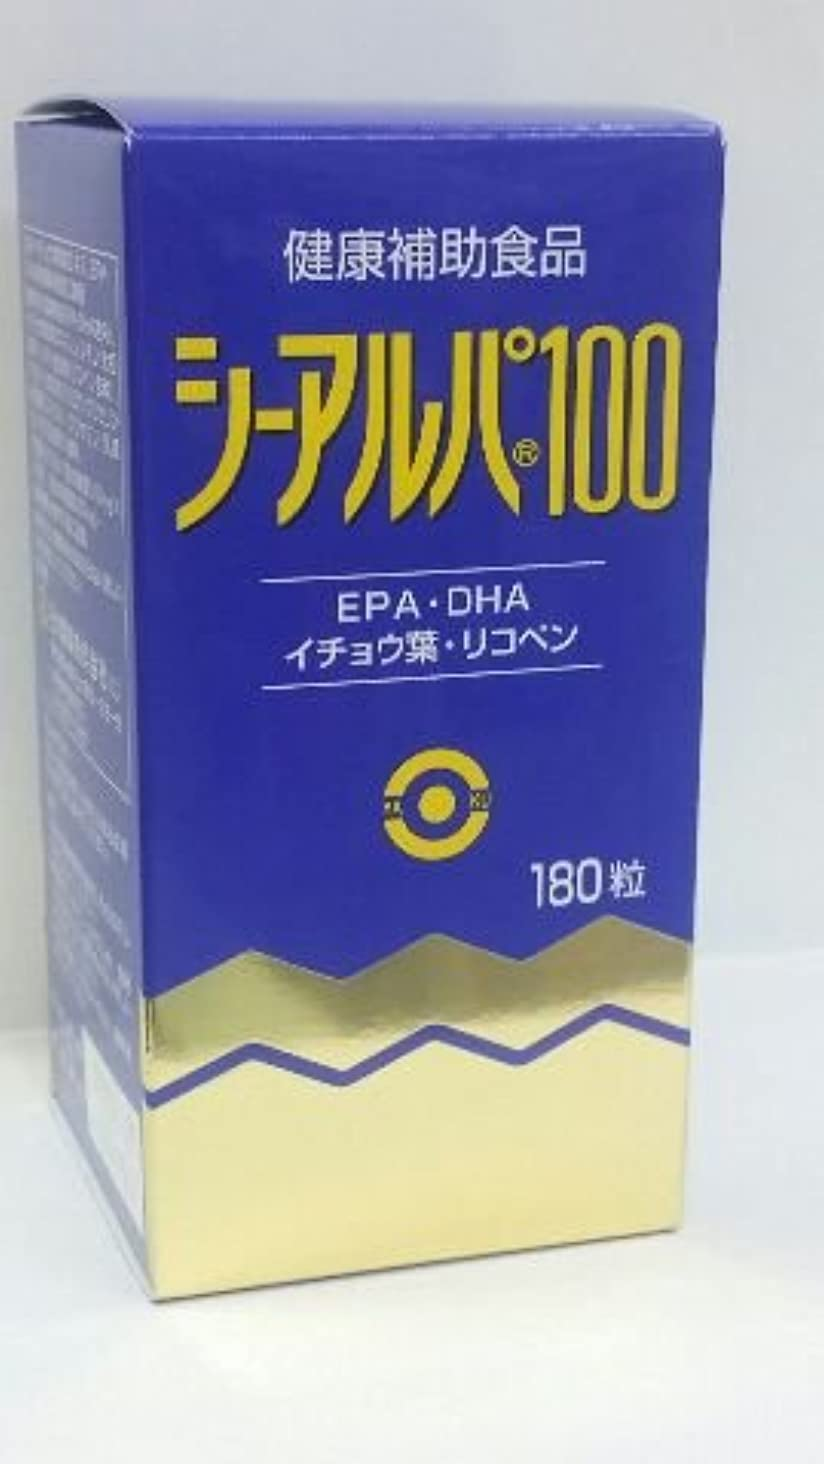 傘フェローシップ割り当てます「シーアルパ100」180粒6個パックで15%割りひき(健康増進食品)